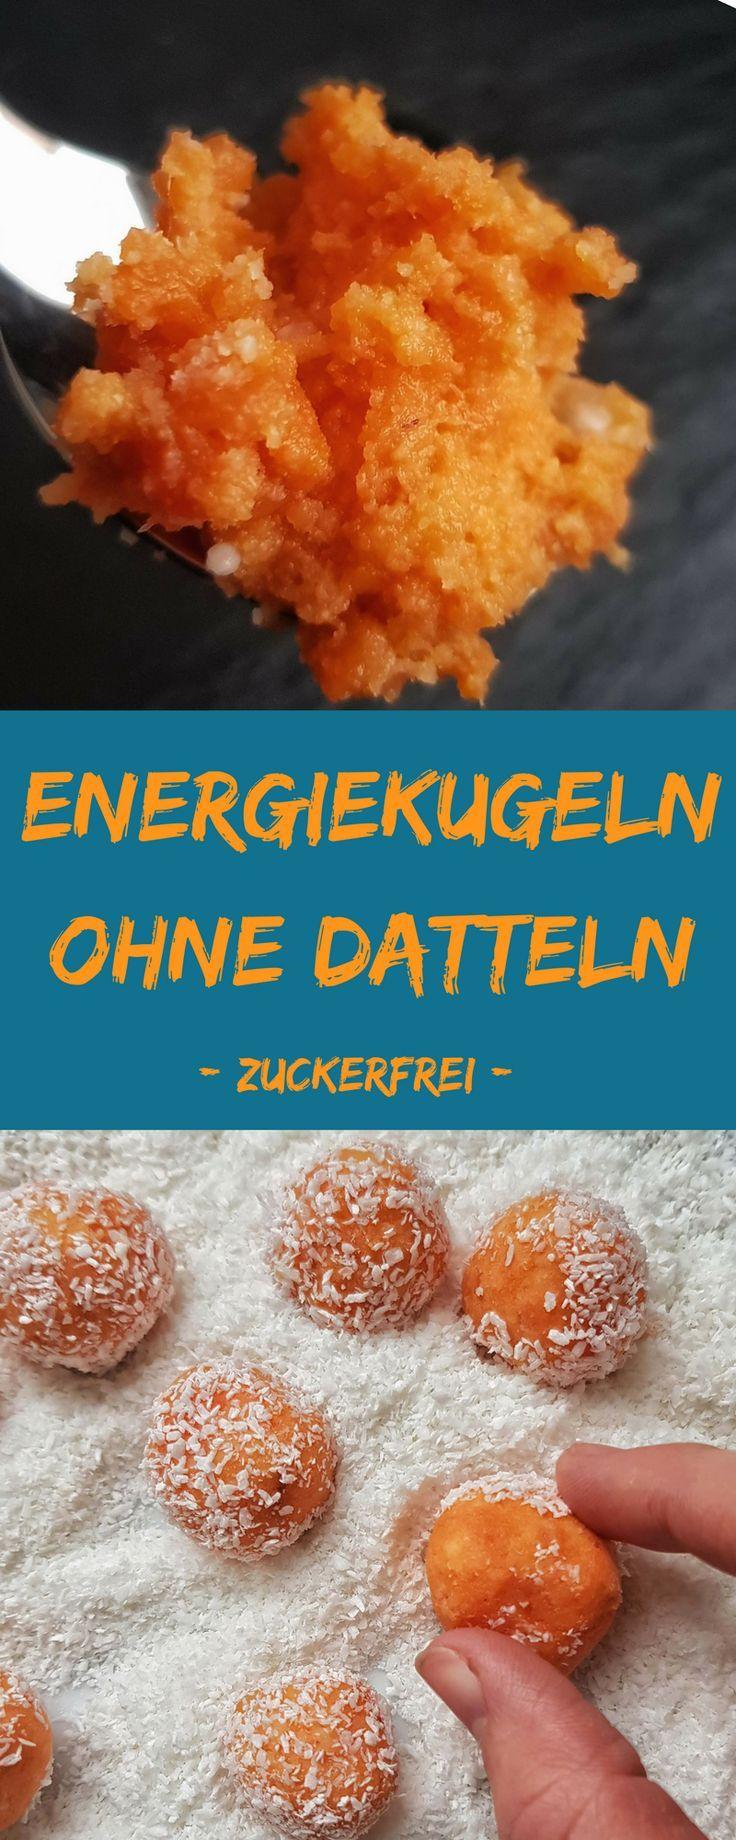 Pralinen ohne Zucker kann man ganz einfach machen - diese Energiekugeln sind ohne Datteln und ohne Zucker. Nur aus Süßkartoffeln und Kokos schmecken sie lecker frisch. . #zuckerfrei #ohnezucker #rezept #praline #energiekugel #energyball